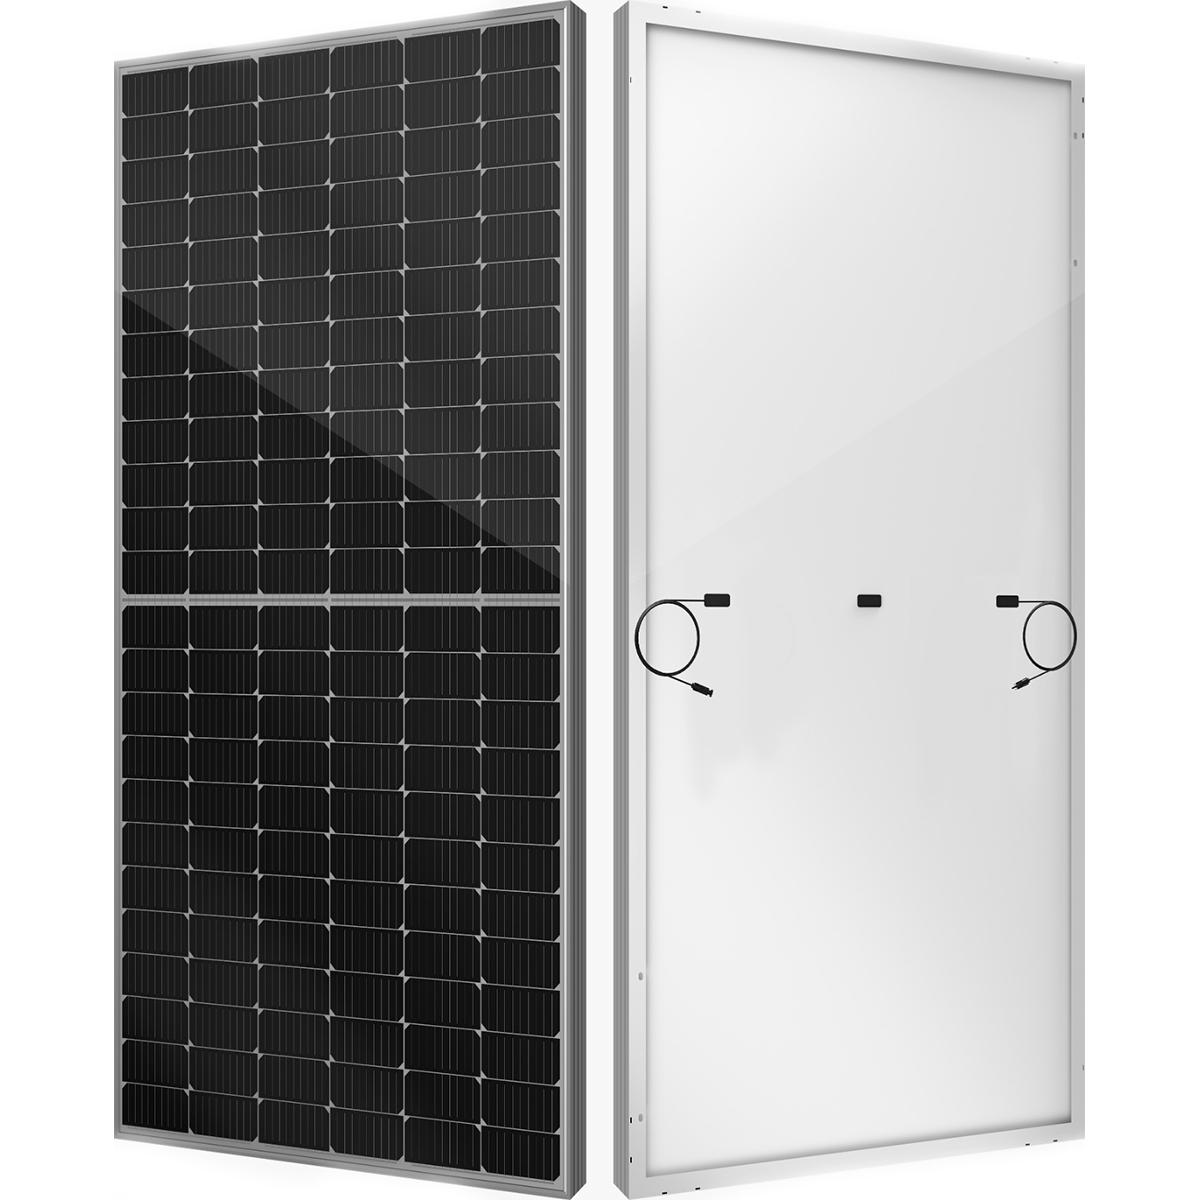 seraphim 440W panel, seraphim 440Watt panel, seraphim 440 W panel, seraphim 440 Watt panel, seraphim 440 Watt monokristal half cut panel, seraphim 440 W watt gunes paneli, seraphim 440 W watt monokristal half cut gunes paneli, seraphim 440 W Watt fotovoltaik monokristal half cut solar panel, seraphim 440W monokristal half cut gunes enerjisi, seraphim SRP-440-BMA-HV panel, SERAPHIM 440 WATT